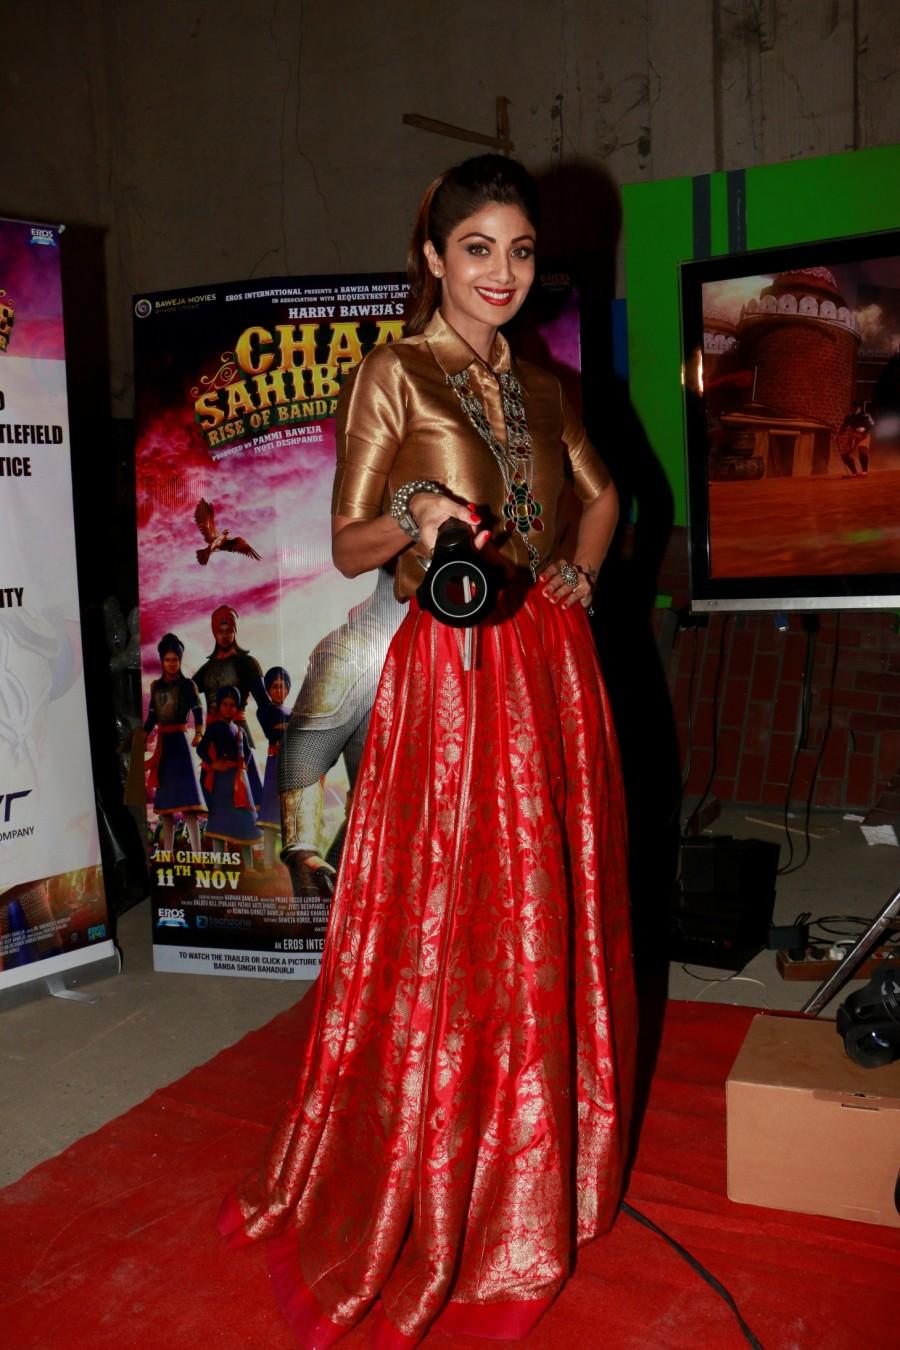 Shilpa Shetty Kundra,Shilpa Shetty,Chaar Sahibzaade VR experience,Chaar Sahibzaade,actress Shilpa Shetty,Shilpa Shetty pics,Shilpa Shetty images,Shilpa Shetty photos,Shilpa Shetty stills,Shilpa Shetty pictures